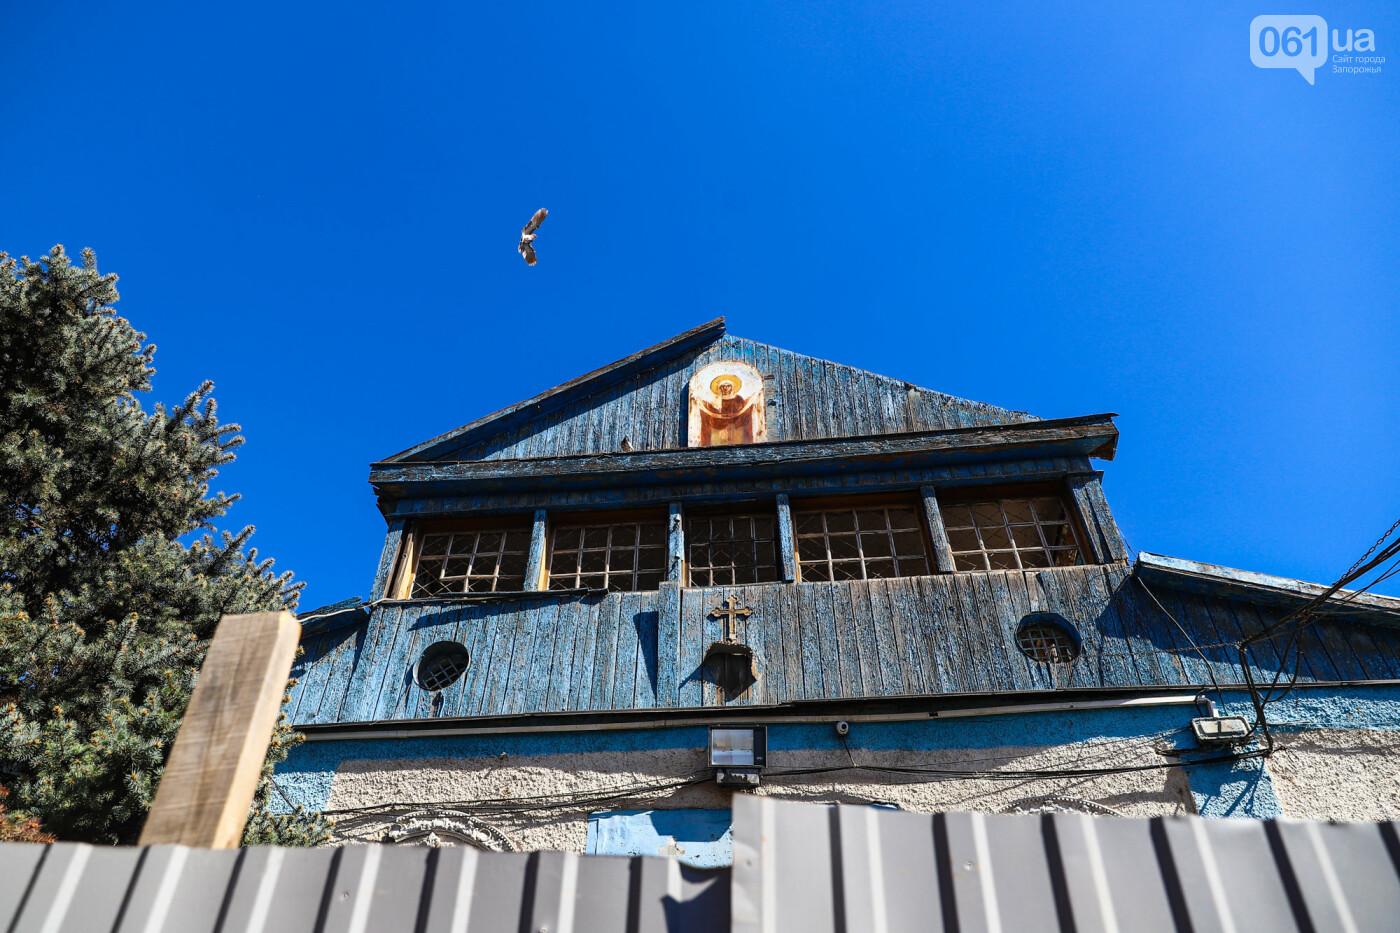 """""""Дело пономарей"""": в Запорожье начали разбирать храм, который пострадал в результате взрыва, - ФОТОРЕПОРТАЖ, фото-12"""